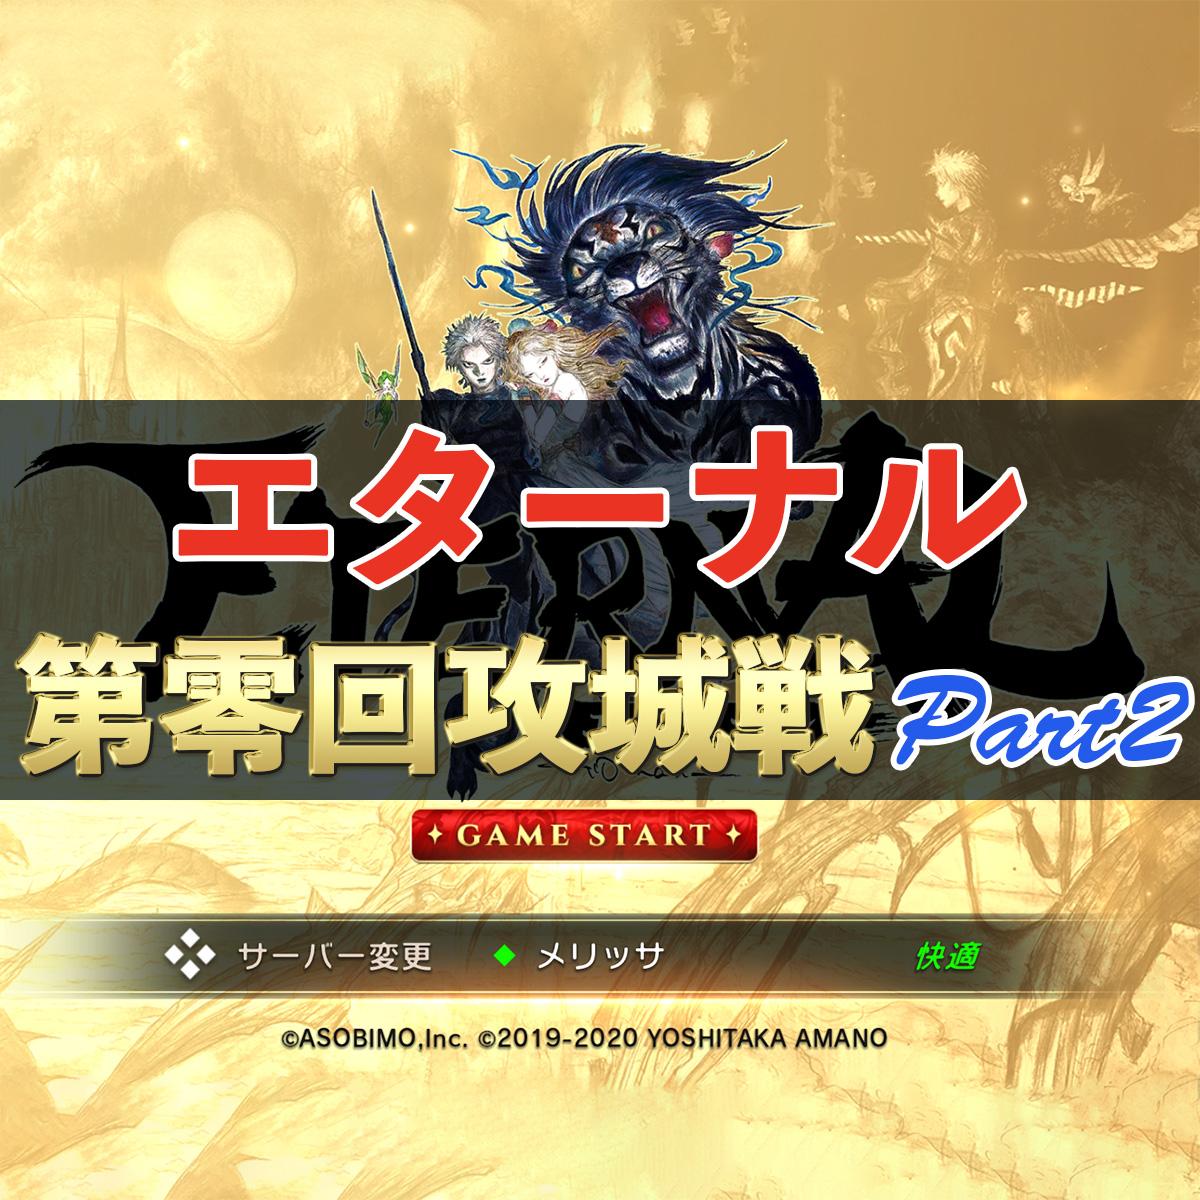 【エターナル】第零回攻城戦(軍団名声の部その2)ダイジェスト